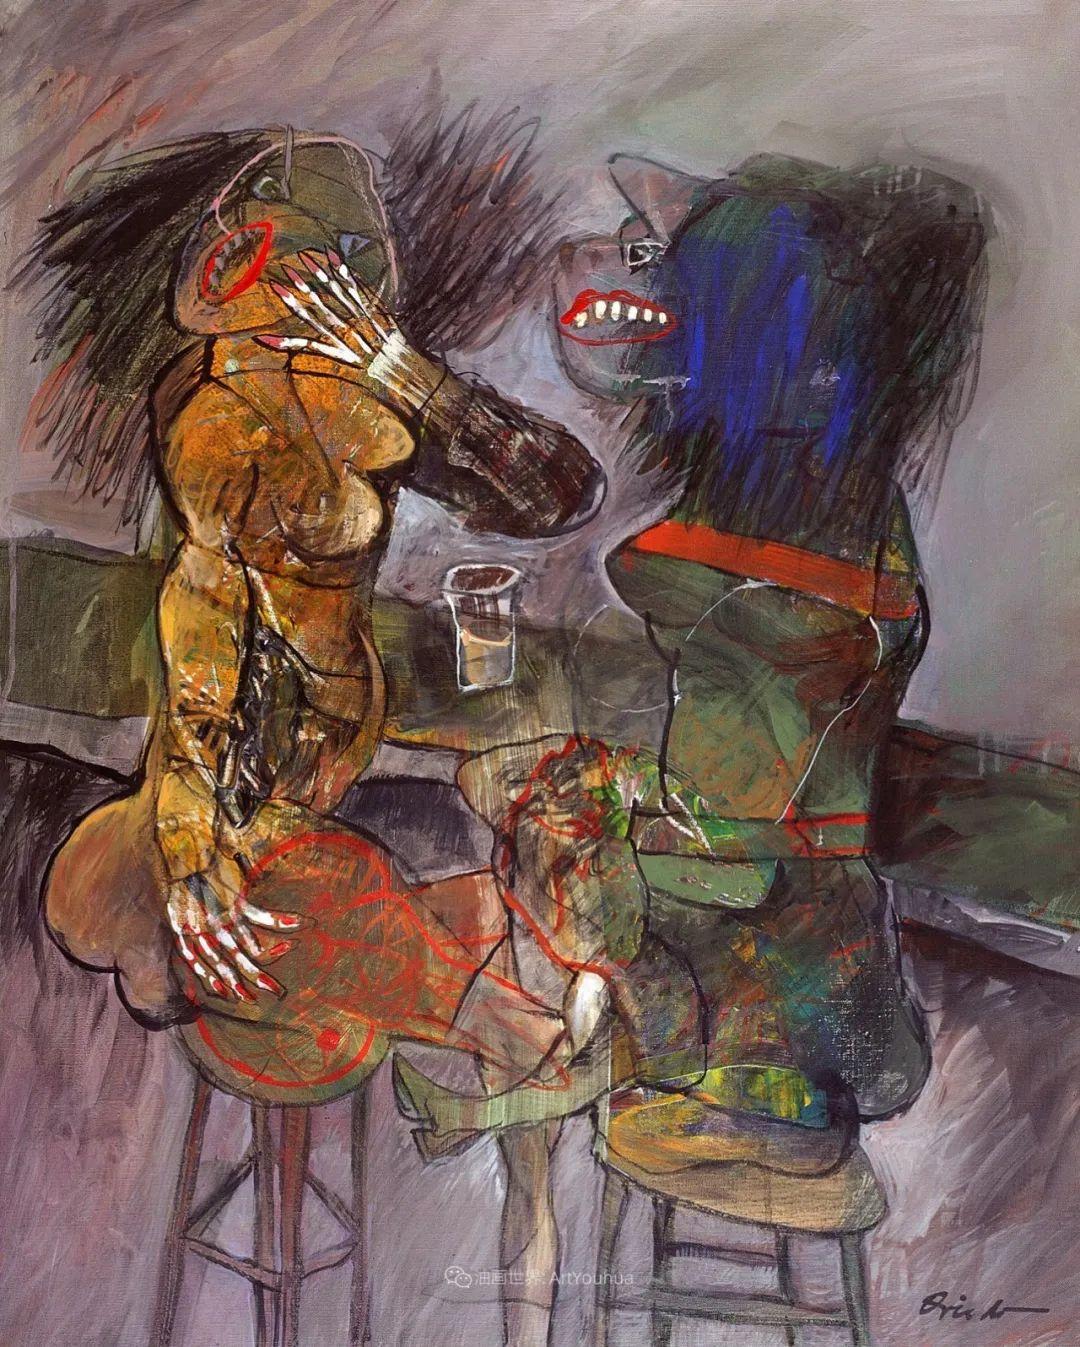 强烈的笔触和色彩,表现出韧性、肮脏及人性插图9